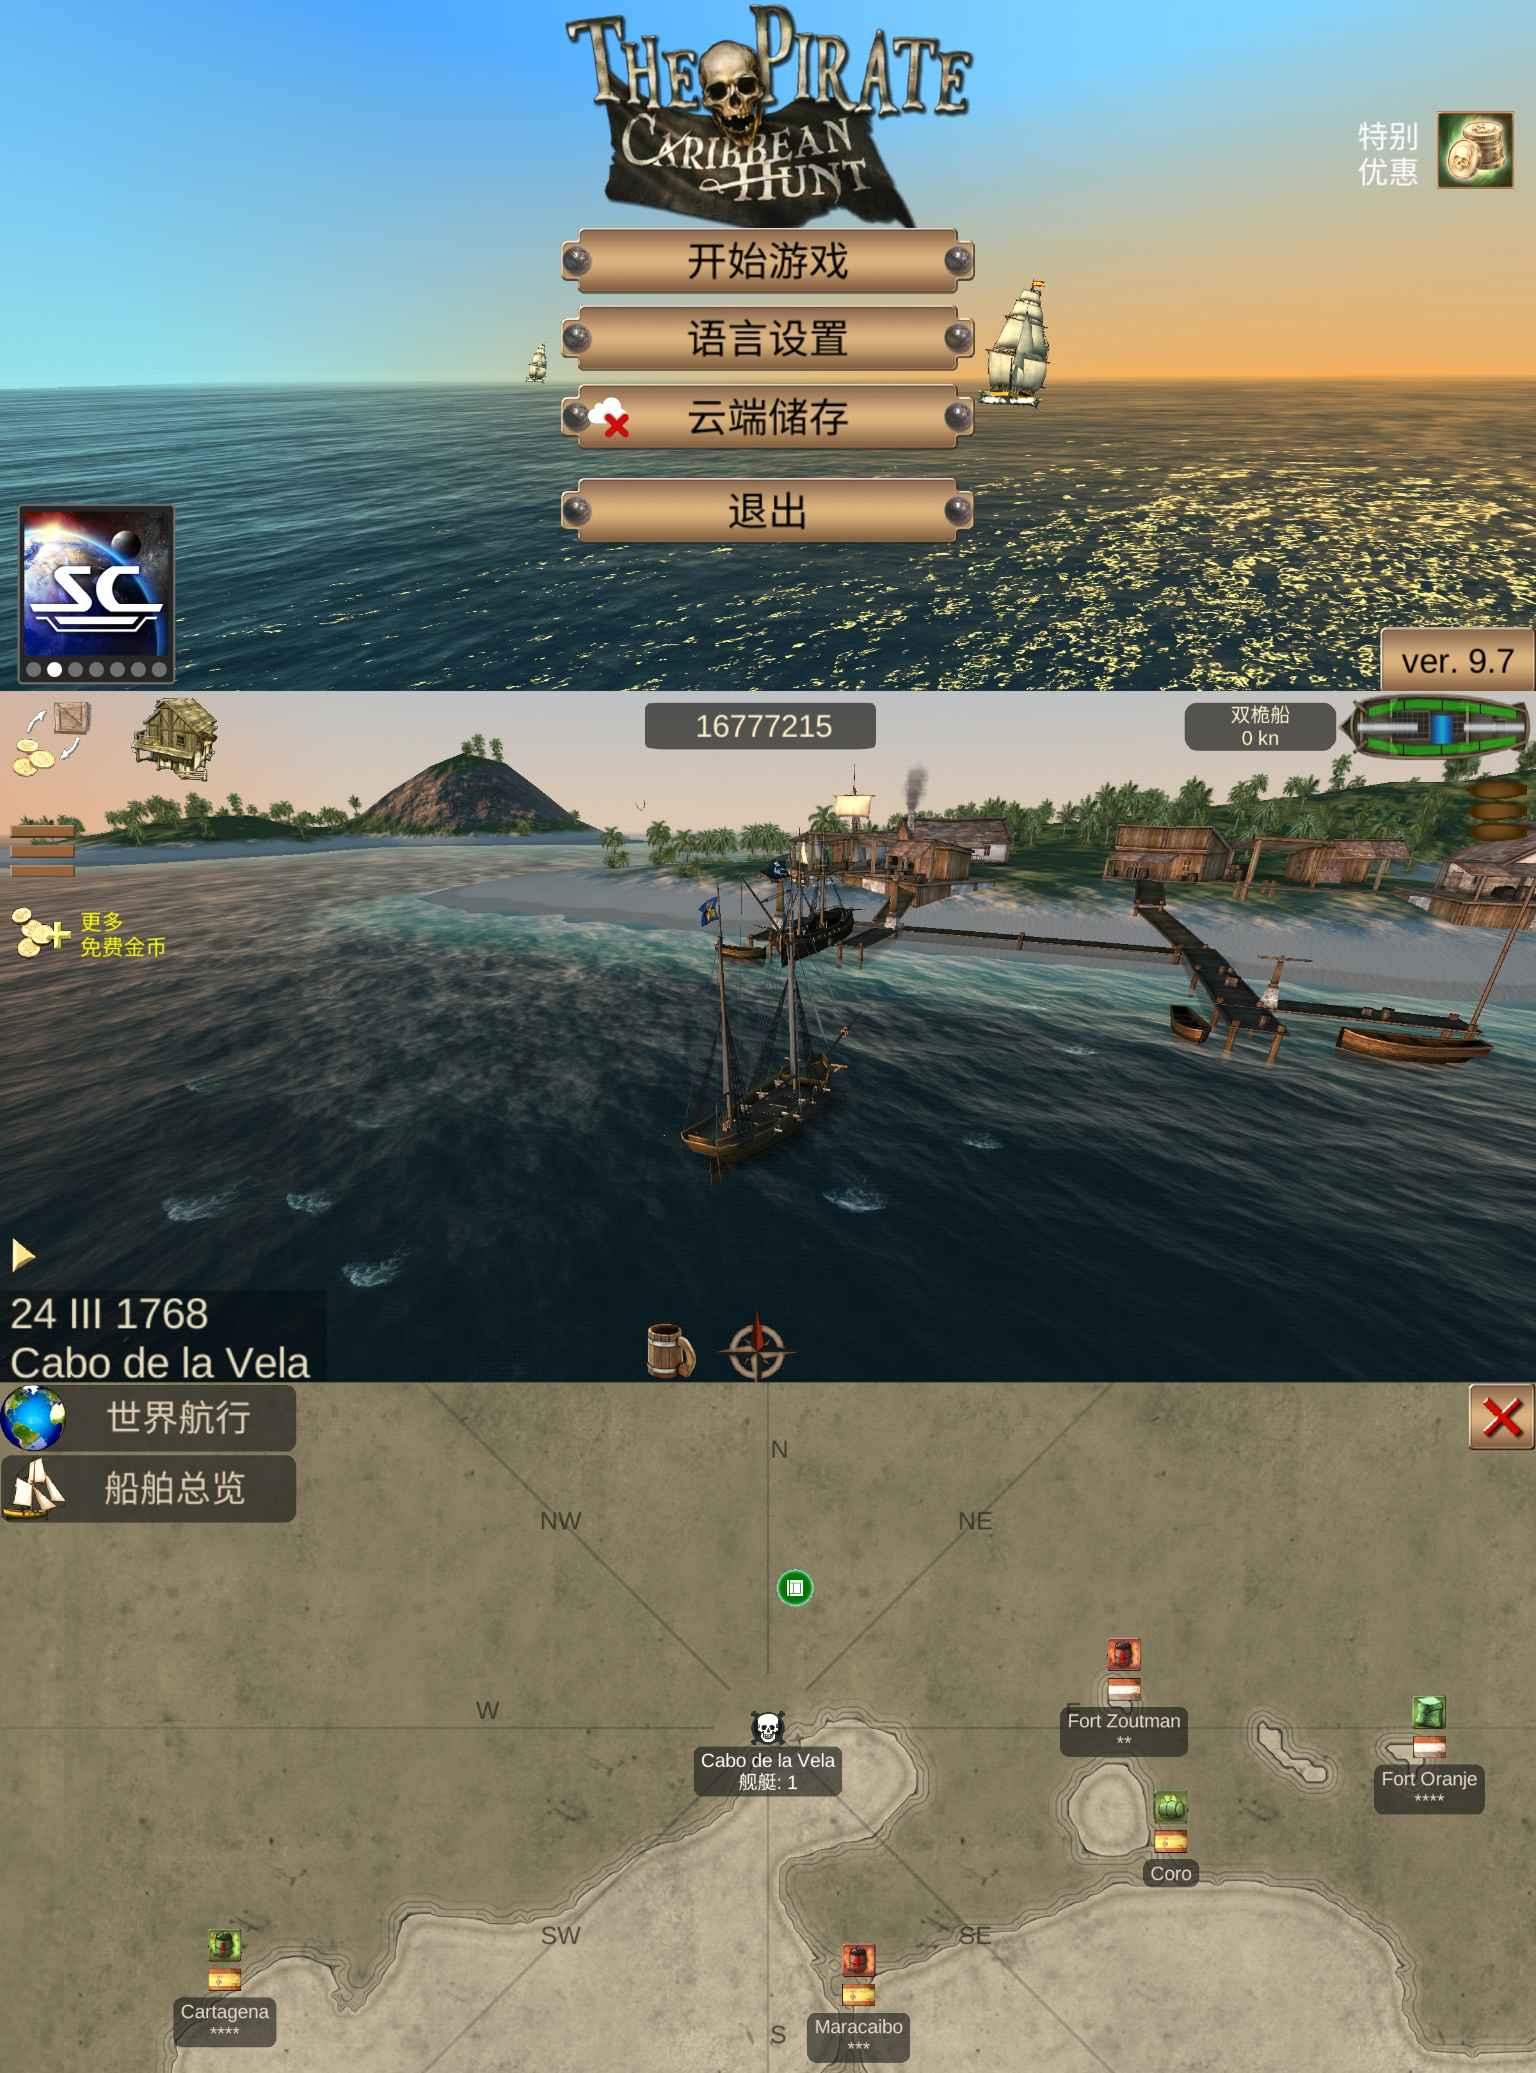 加勒比海盗截图1